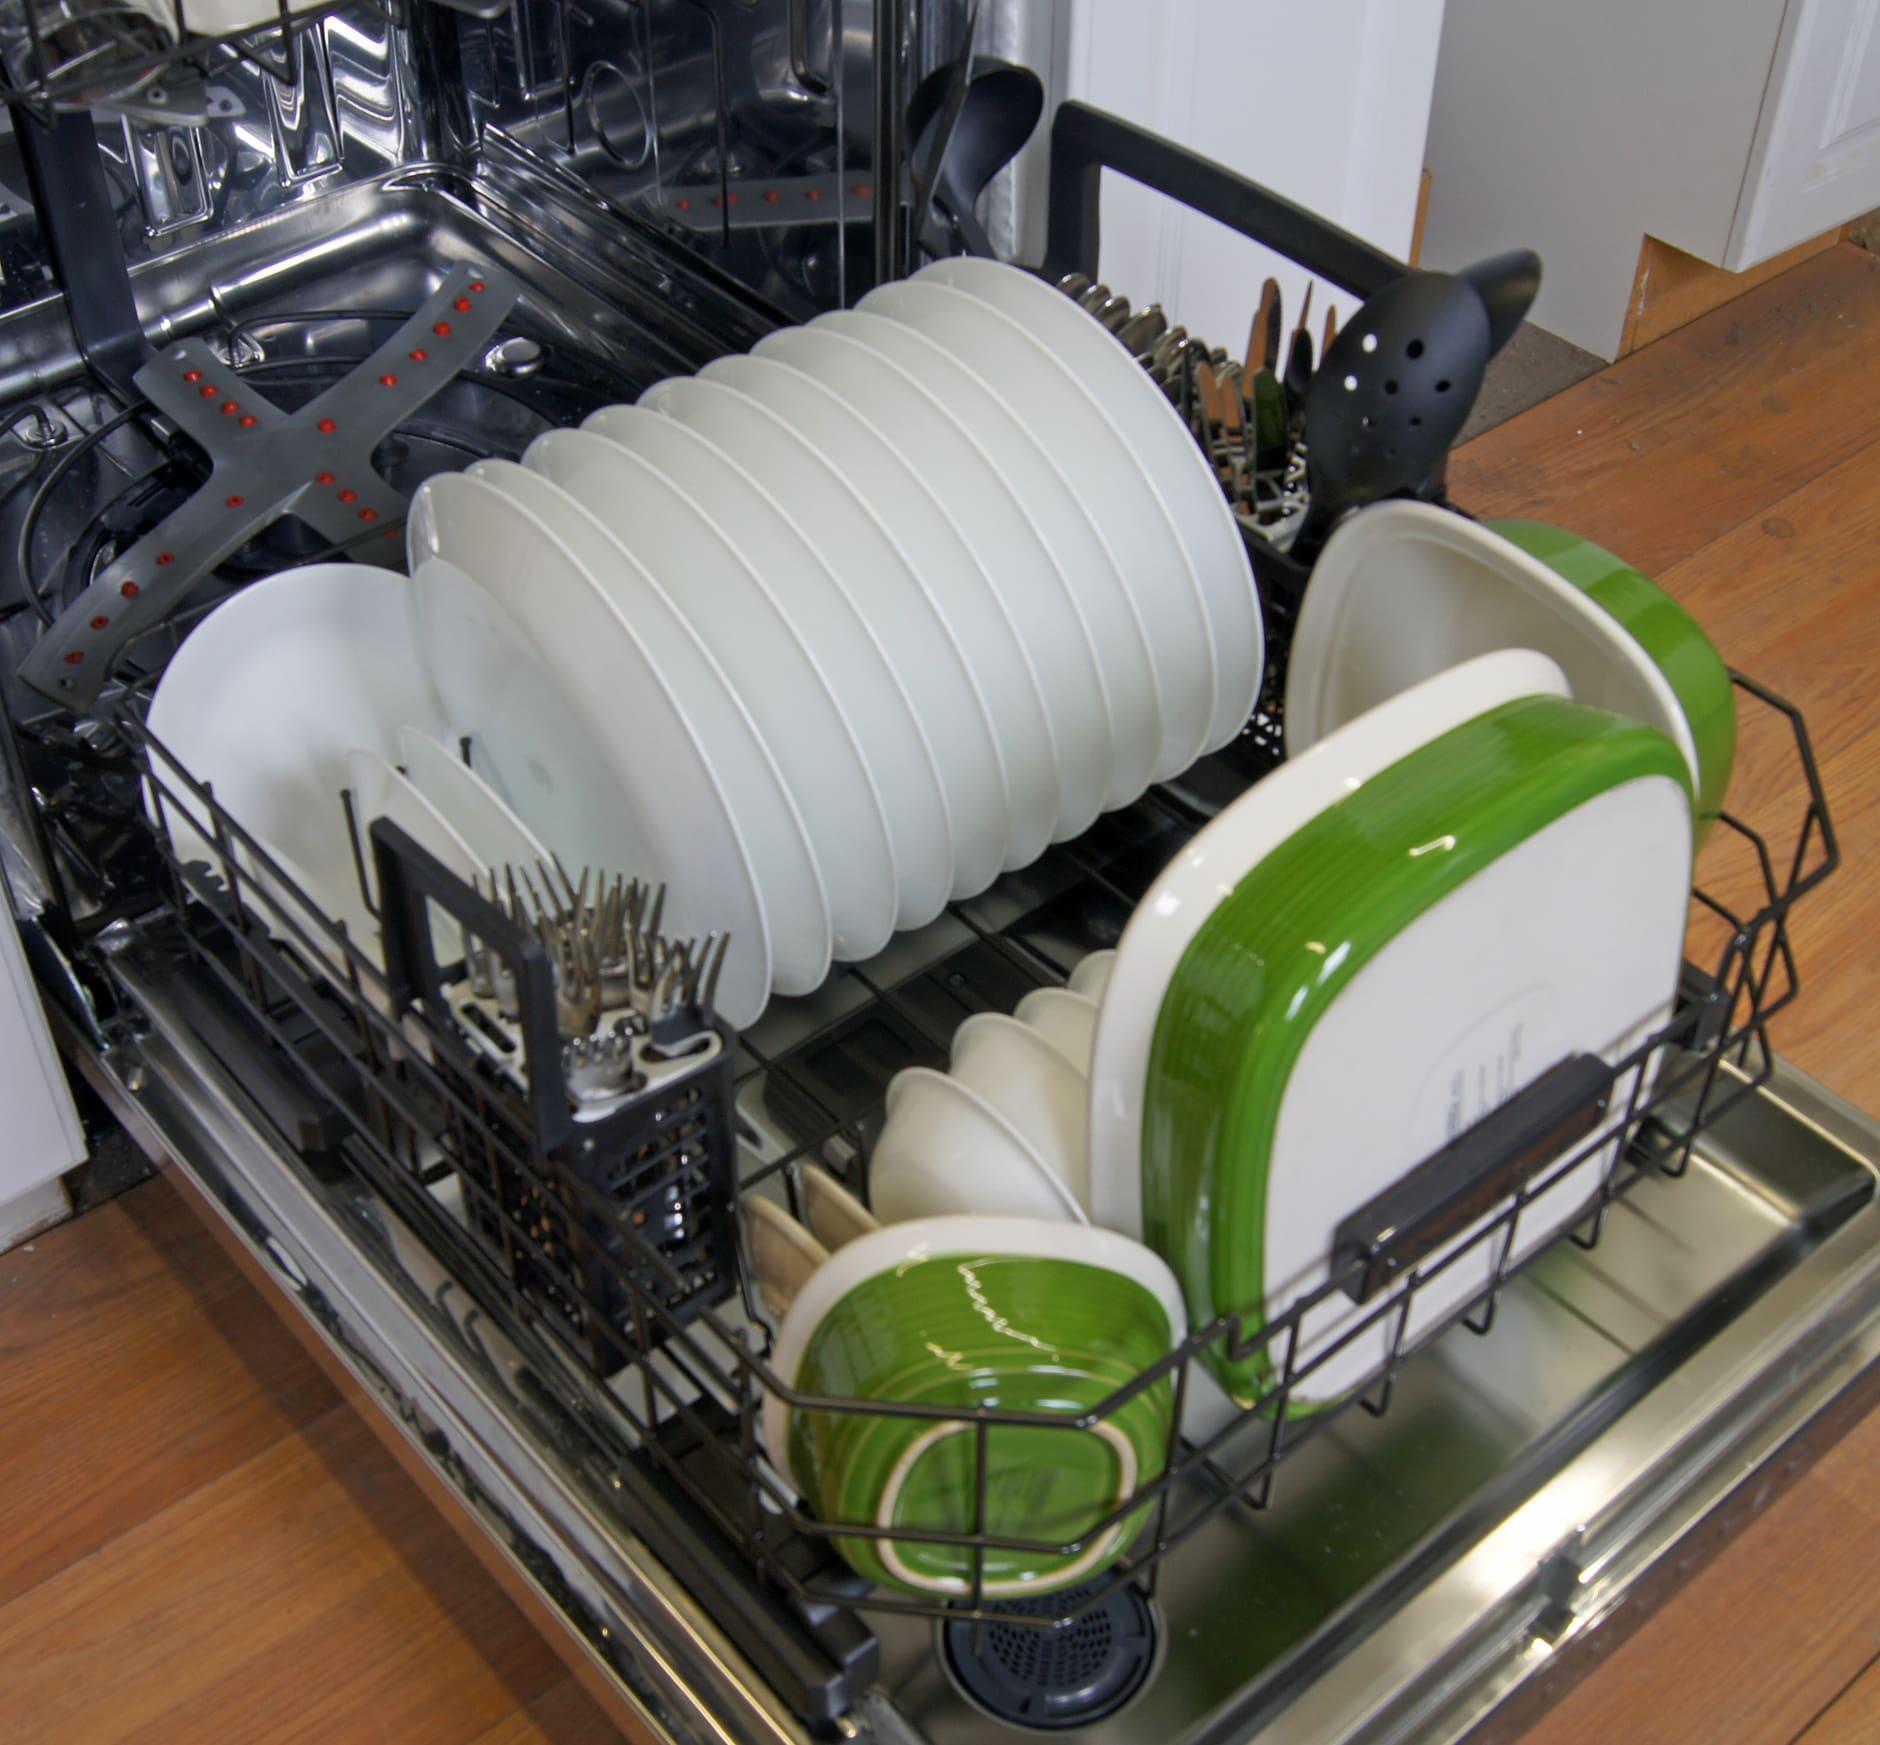 GE Cafe CDT725SSFSS bottom rack loaded